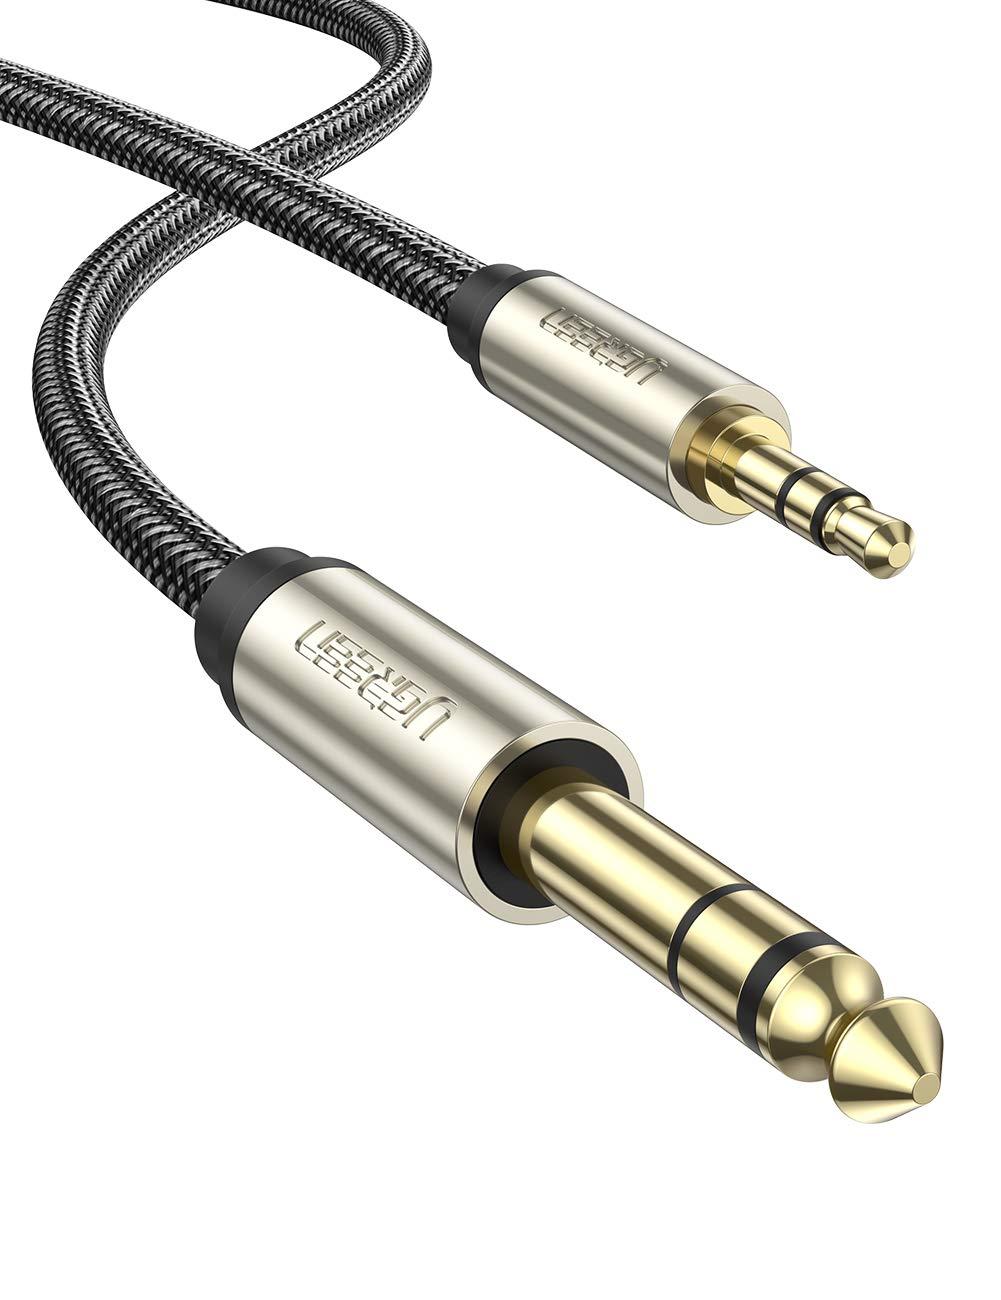 UGREEN Cable Jack 3.5mm a 6.35mm Macho a Macho, Cable Nylon Trenzado Audio Estéreo HiFi, Cable de Instrumento para Guitarra, Mezclador, Amplificador, Altavoces, Dispositivos de Cine en Casa, 2 Metros